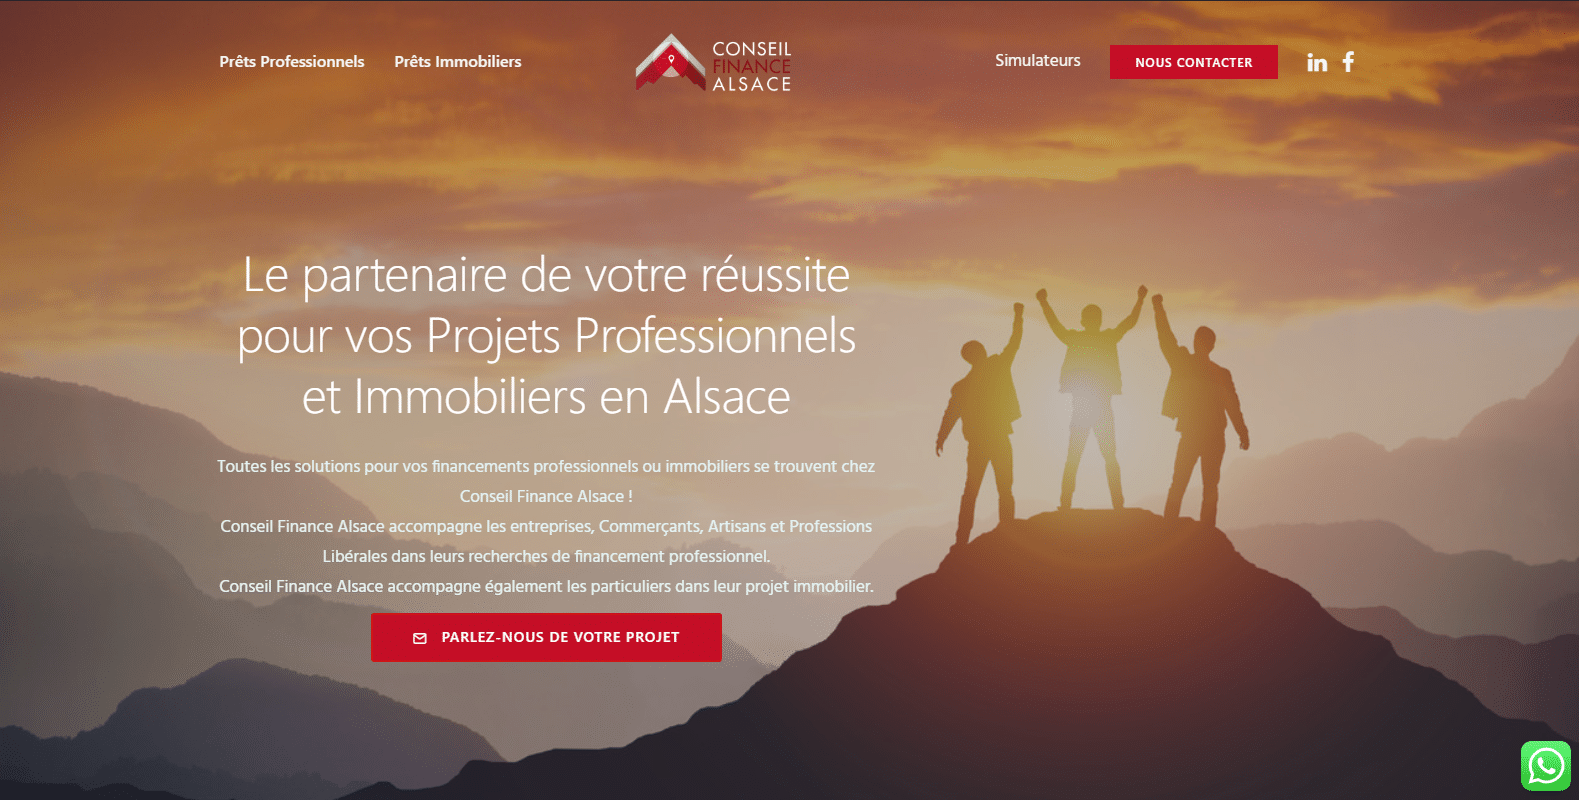 Conseil finance alsace, traitements efficaces et naturels, client Karedess, une agence web situé à Mulhouse